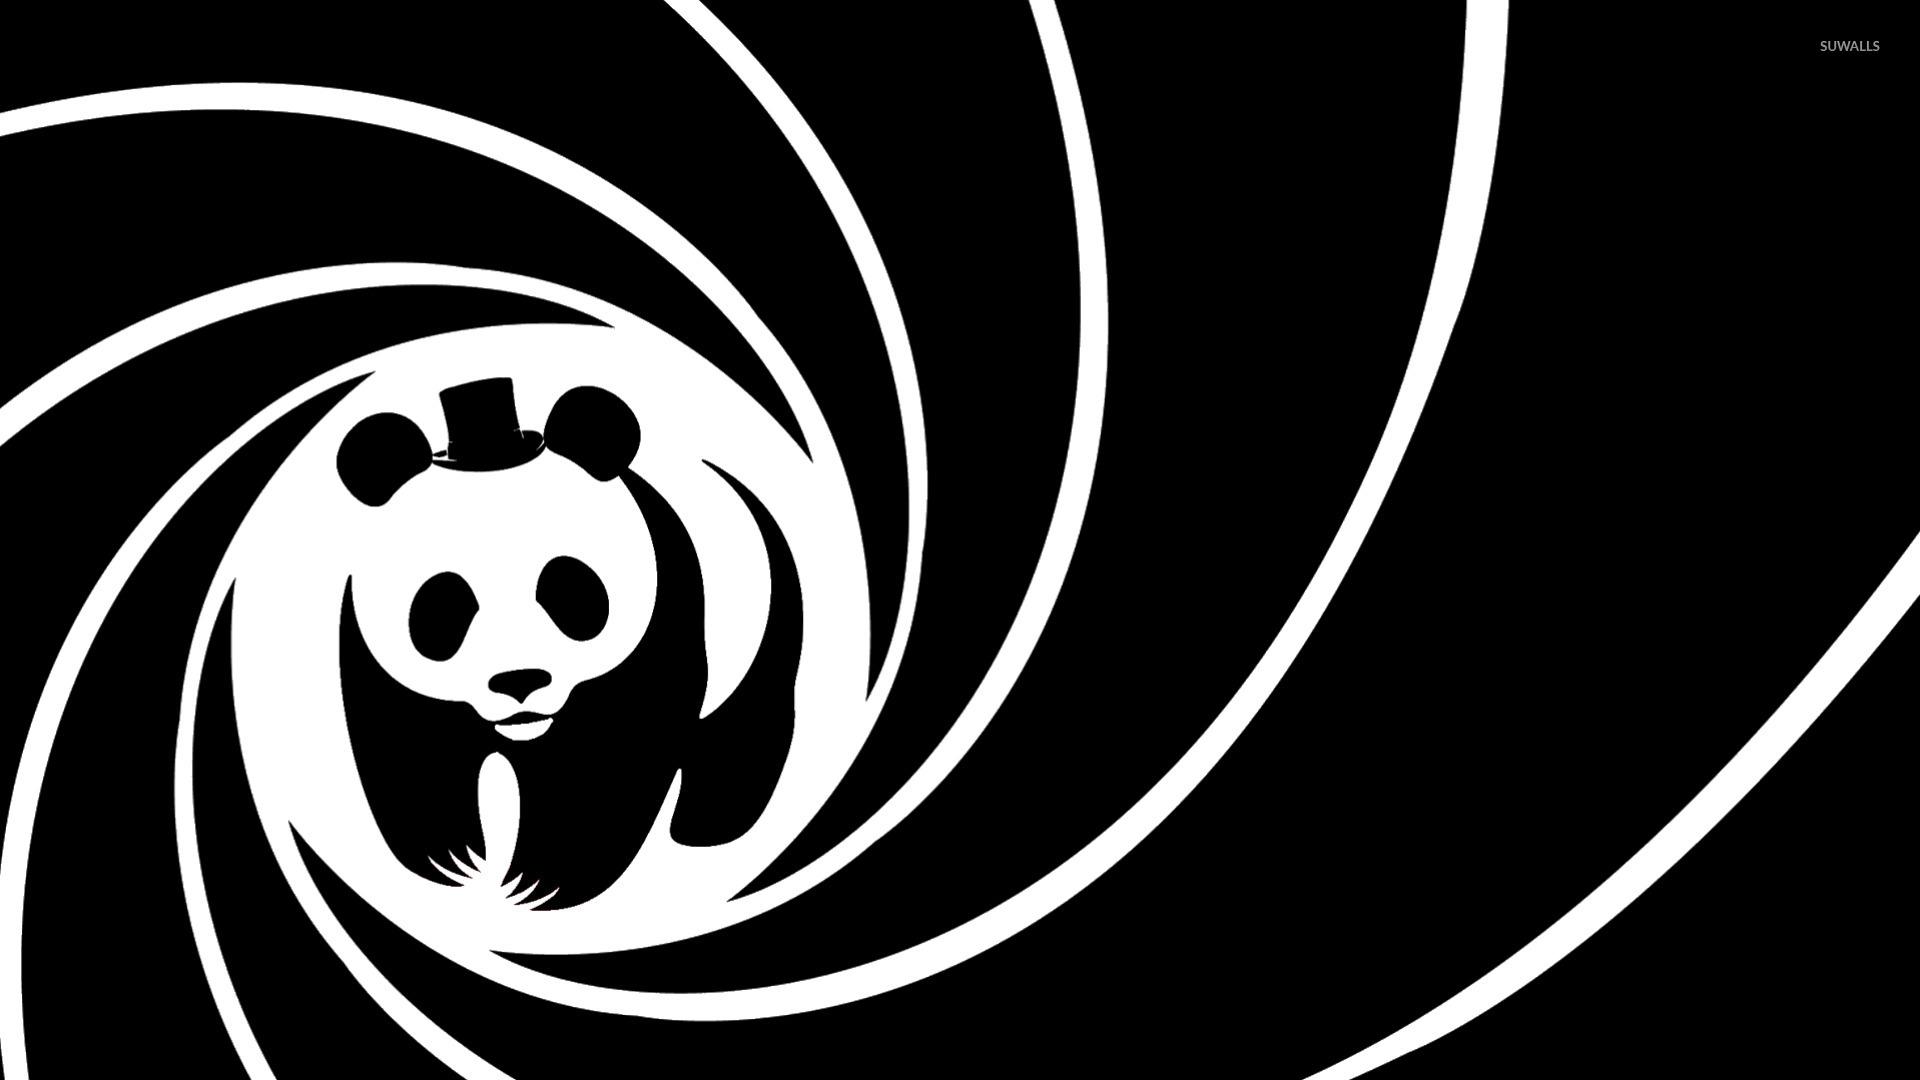 Panda Wallpaper Vector Wallpapers 15412